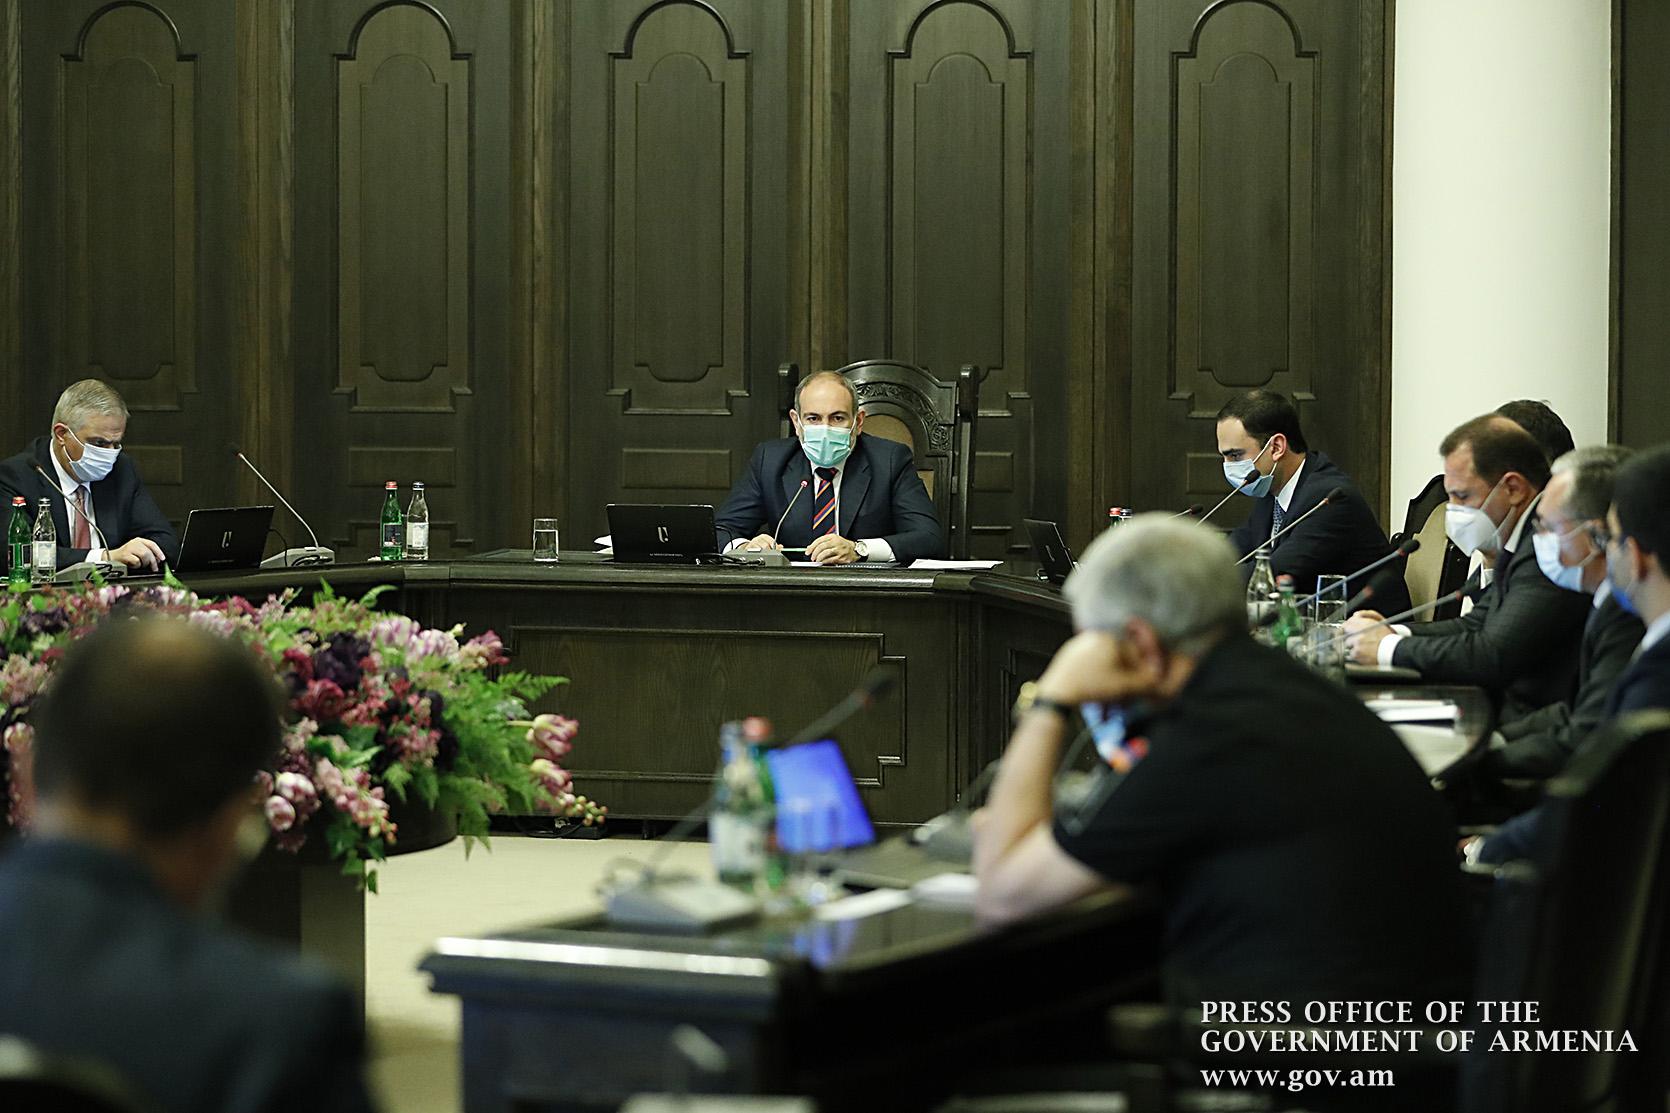 Photo of Կառավարությունը ՀՀ-ում արտակարգ դրության ժամկետը կերկարաձգի ևս 30 օրով` մինչև օգոստոսի 12-ը